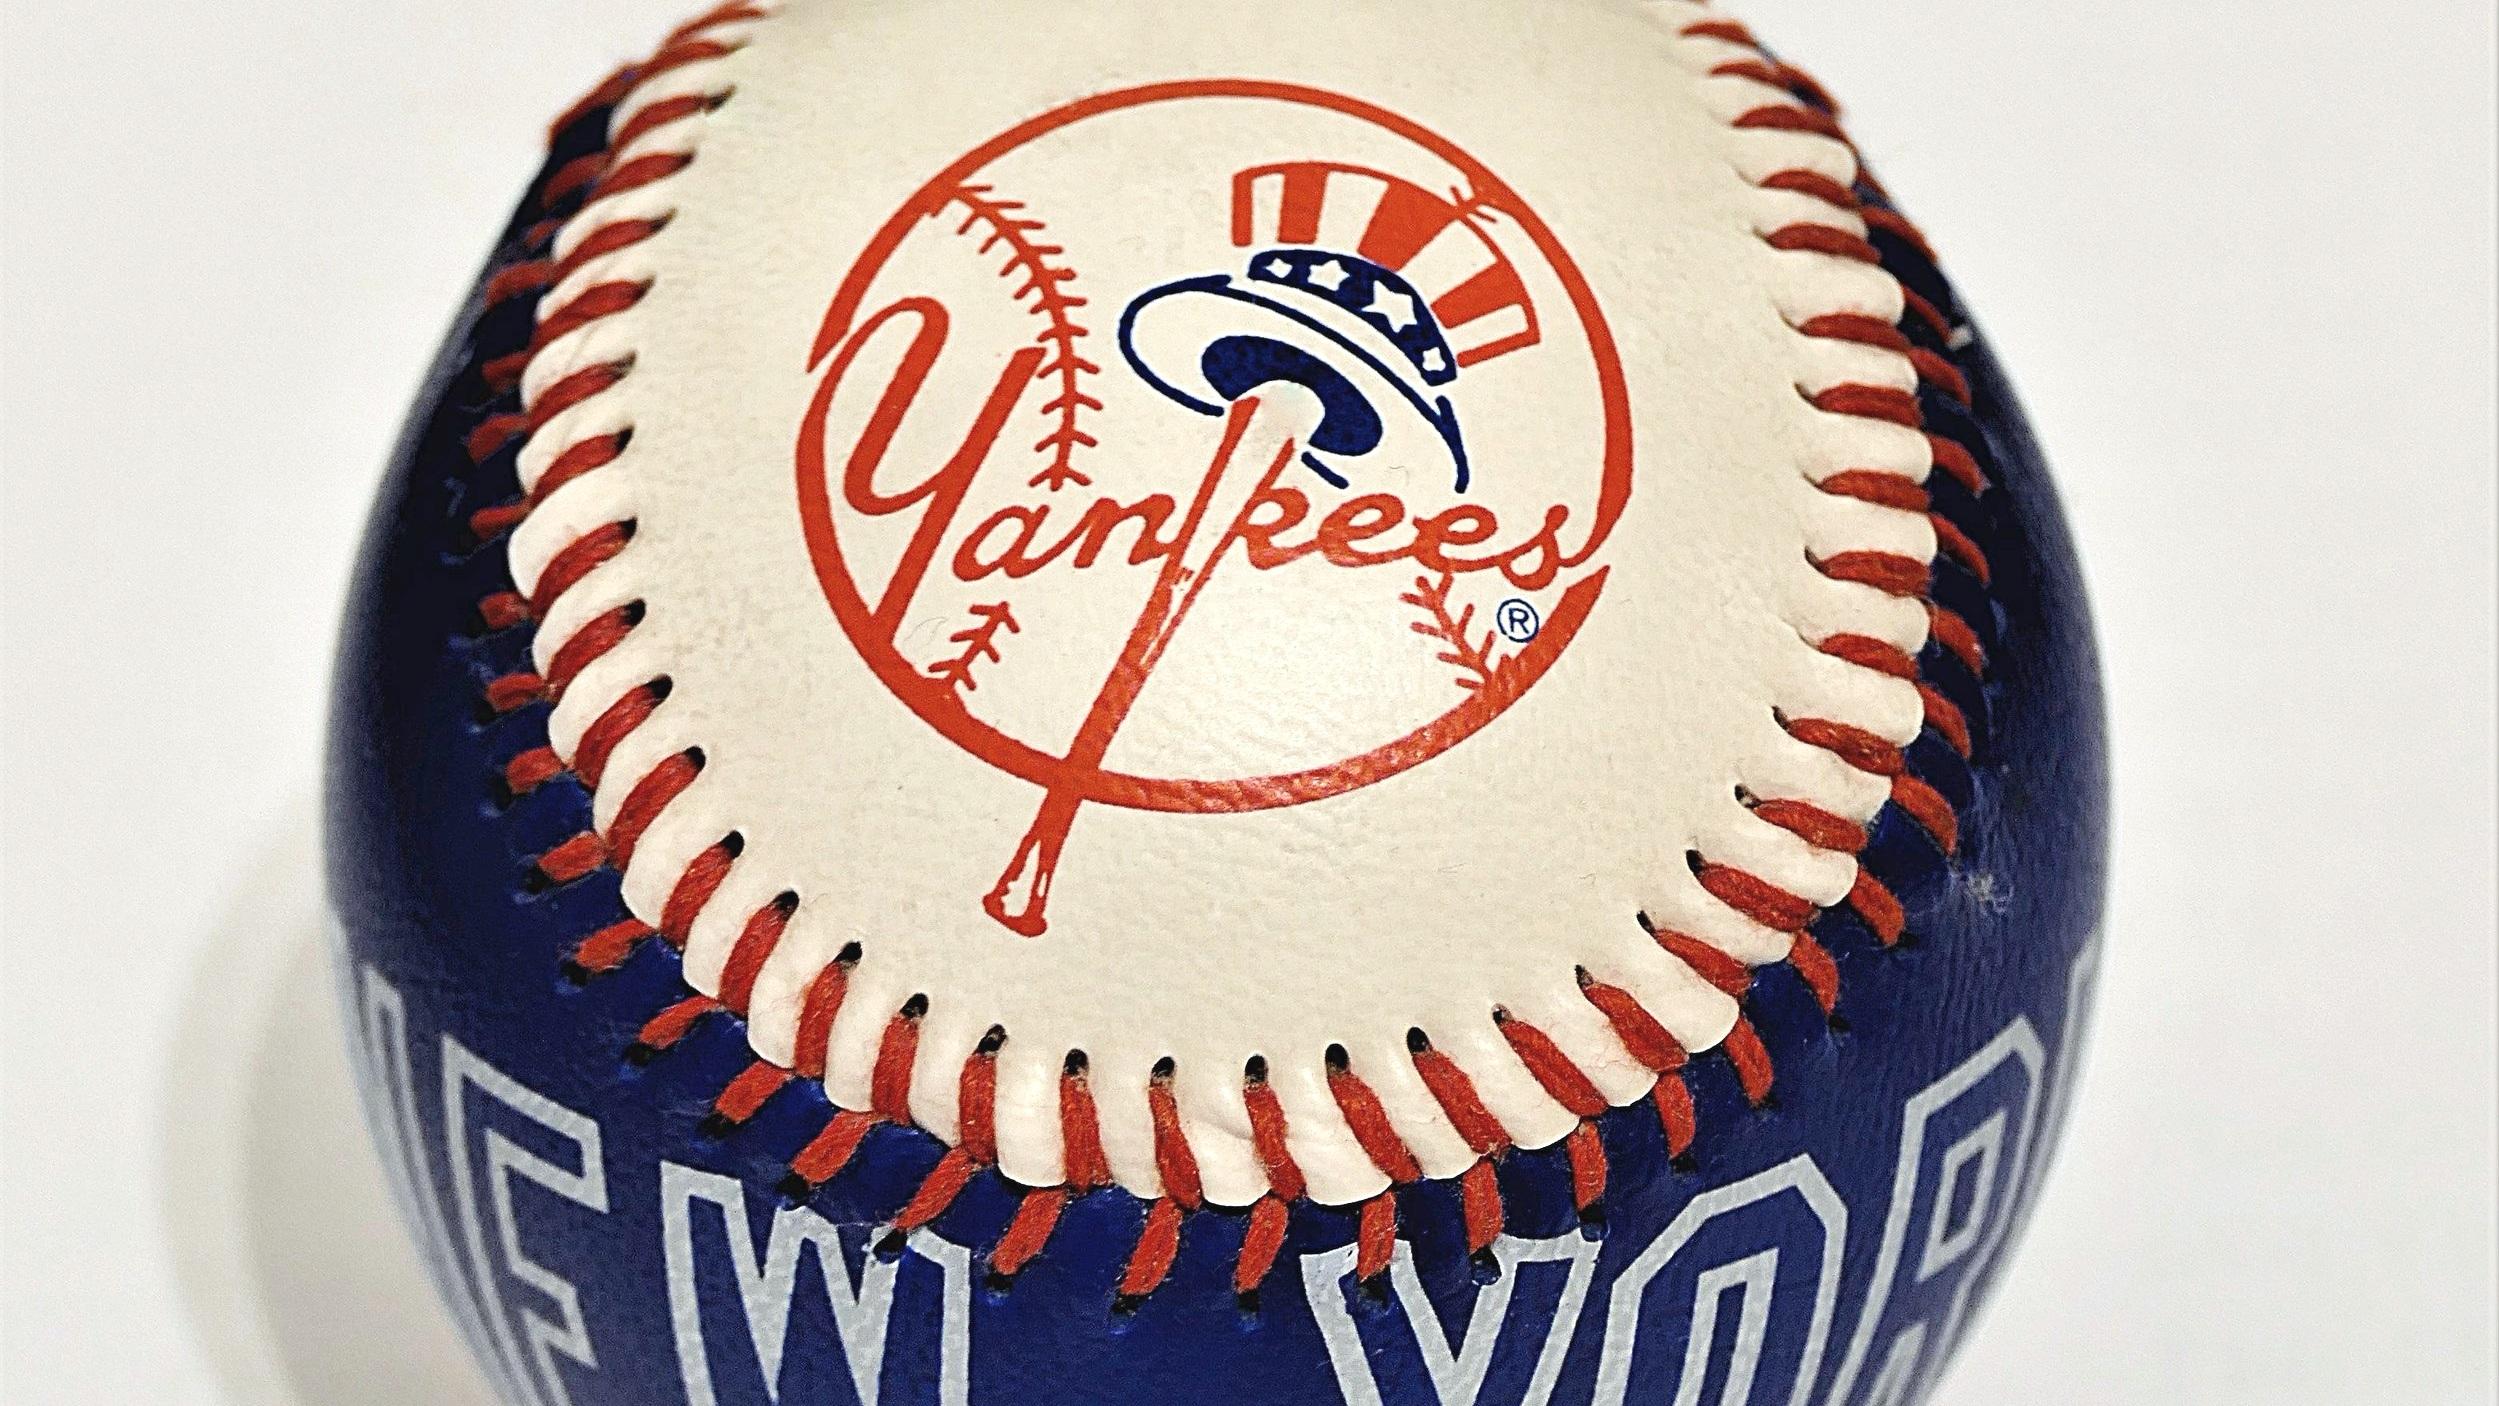 Stjärnor - Problemet för Yankees under 2019 är att de dras med många skador men ett friskt lag bjuder på namn som Aaron Judge (outfielder), Giancarlo Stanton (outfielder), Gary Sanchez (catcher) och center fieldern Aaron Hicks. Men en resa till Yankee Stadium och ett friskt Yankees bjuder alltid på en stjärnkavalkad.